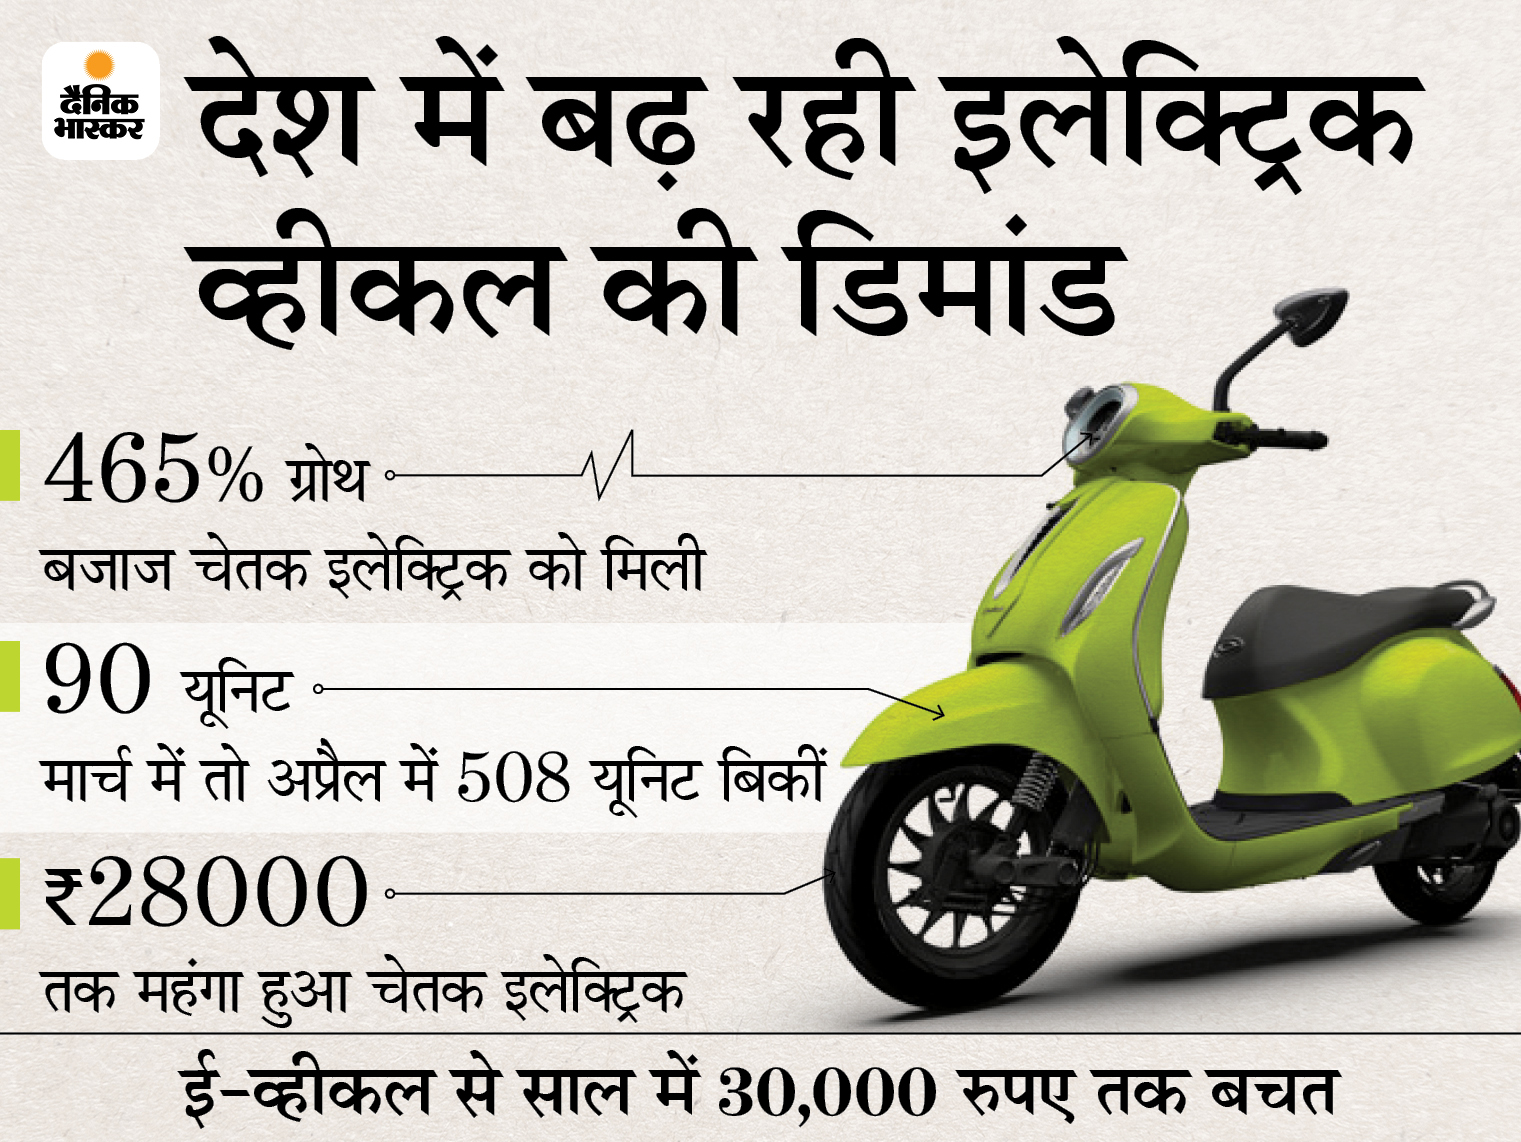 बजाज चेतक इलेक्ट्रिक को मिली 465% की ग्रोथ, महंगा होने के बाद भी बिक रहा; ऐसी गाड़ी से सालाना 30 हजार रु की बचत टेक & ऑटो,Tech & Auto - Dainik Bhaskar